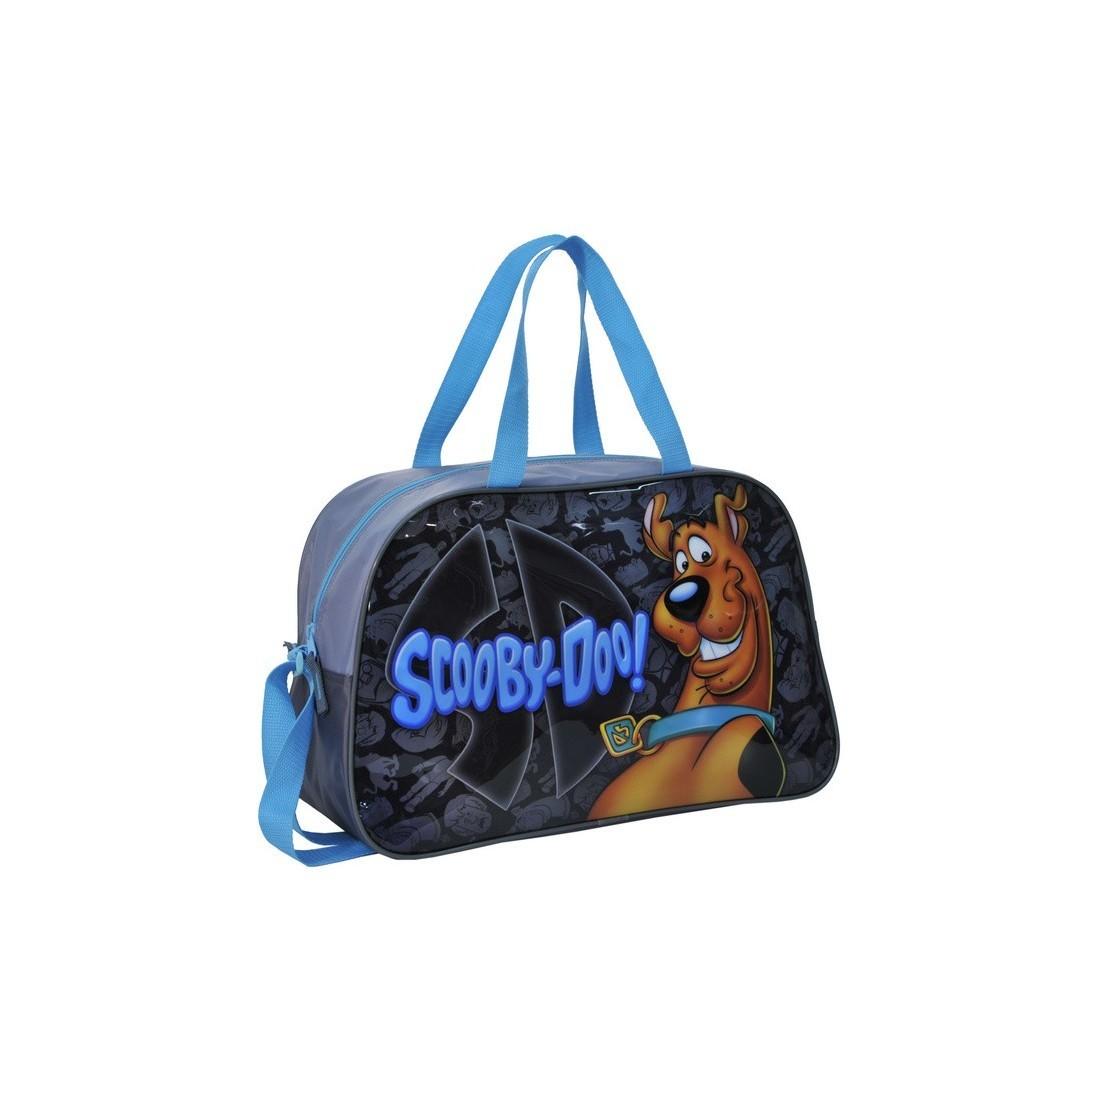 Torba sportowa Scooby Doo - plecak-tornister.pl